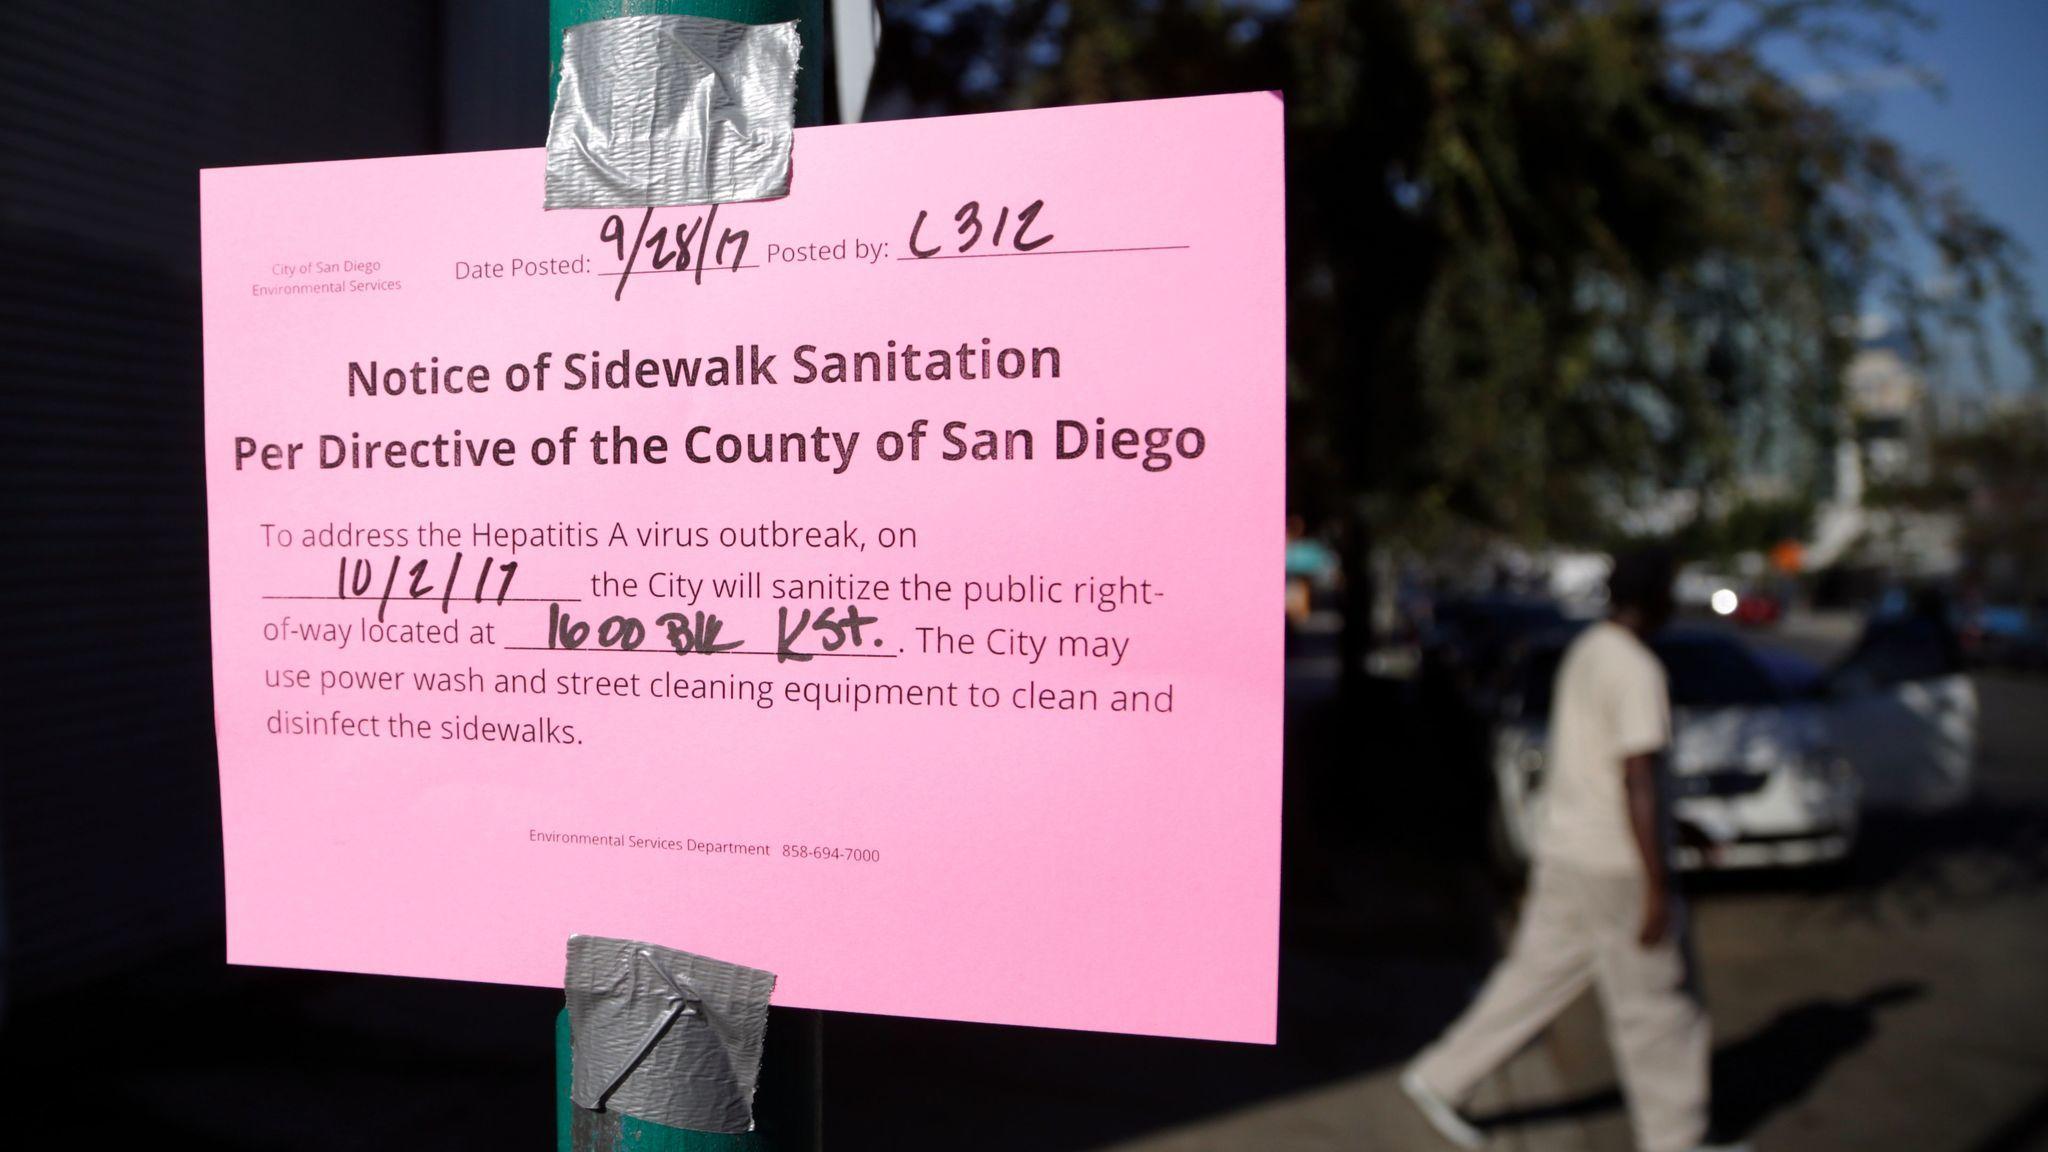 Una epidemia mortal de hepatitis A en California podría durar años